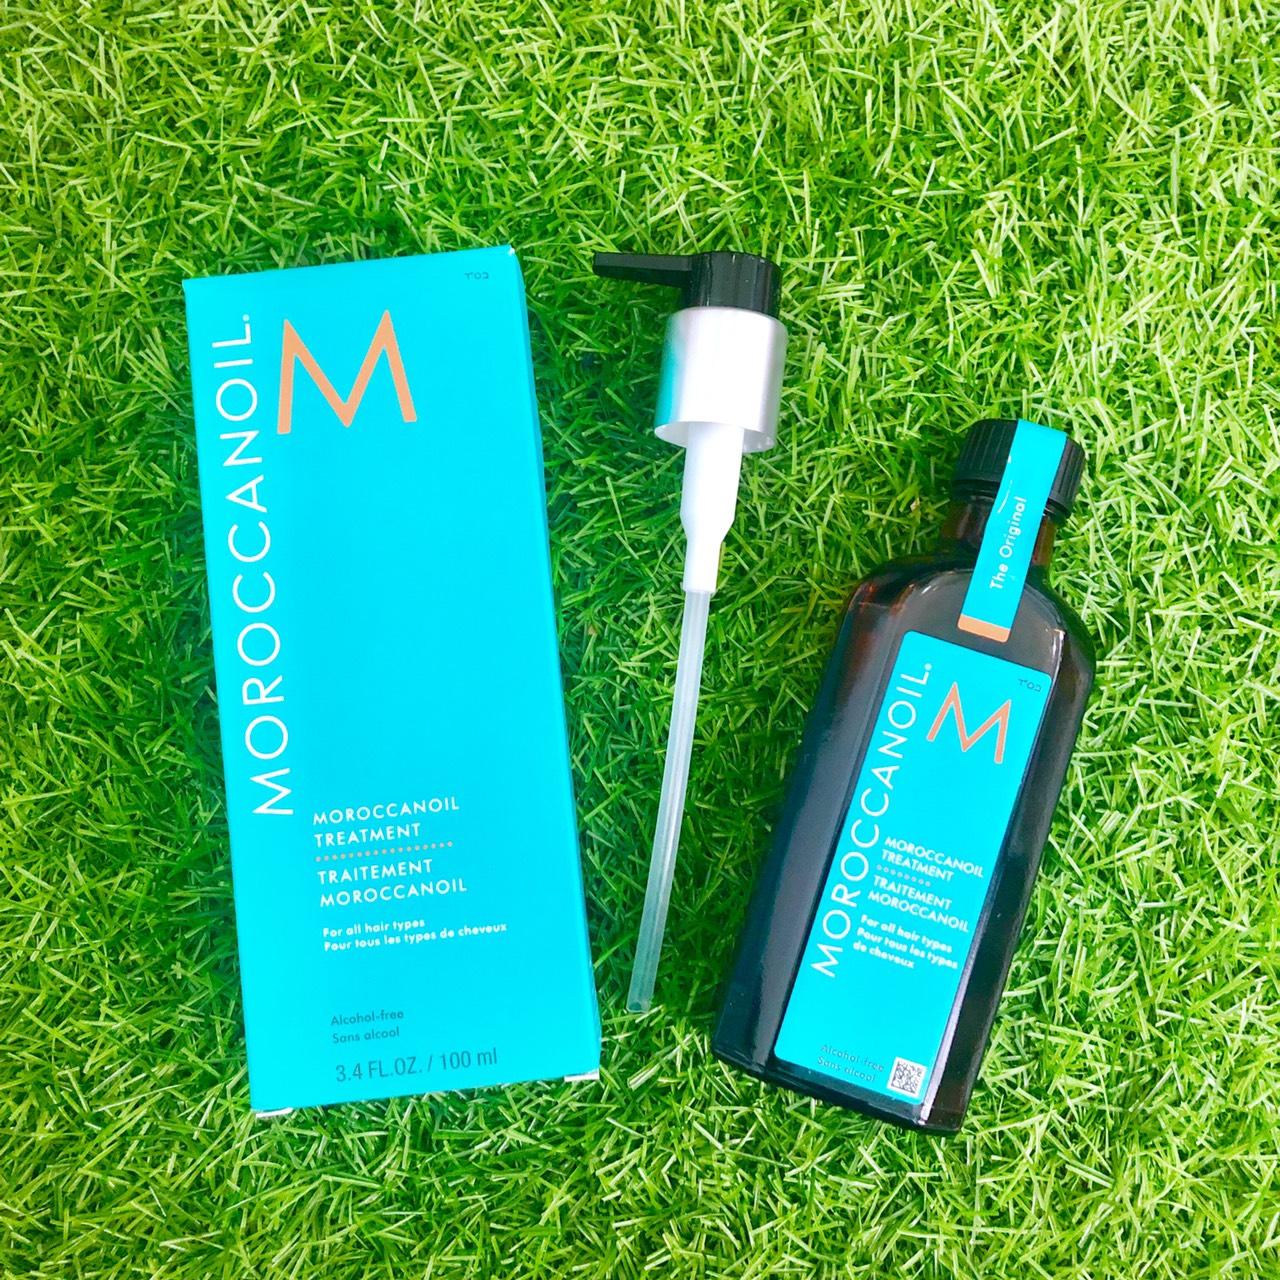 Tinh dầu Moroccanoil dưỡng bóng mượt phục hồi tóc hư tổn 100ml - Hàng chính hãng